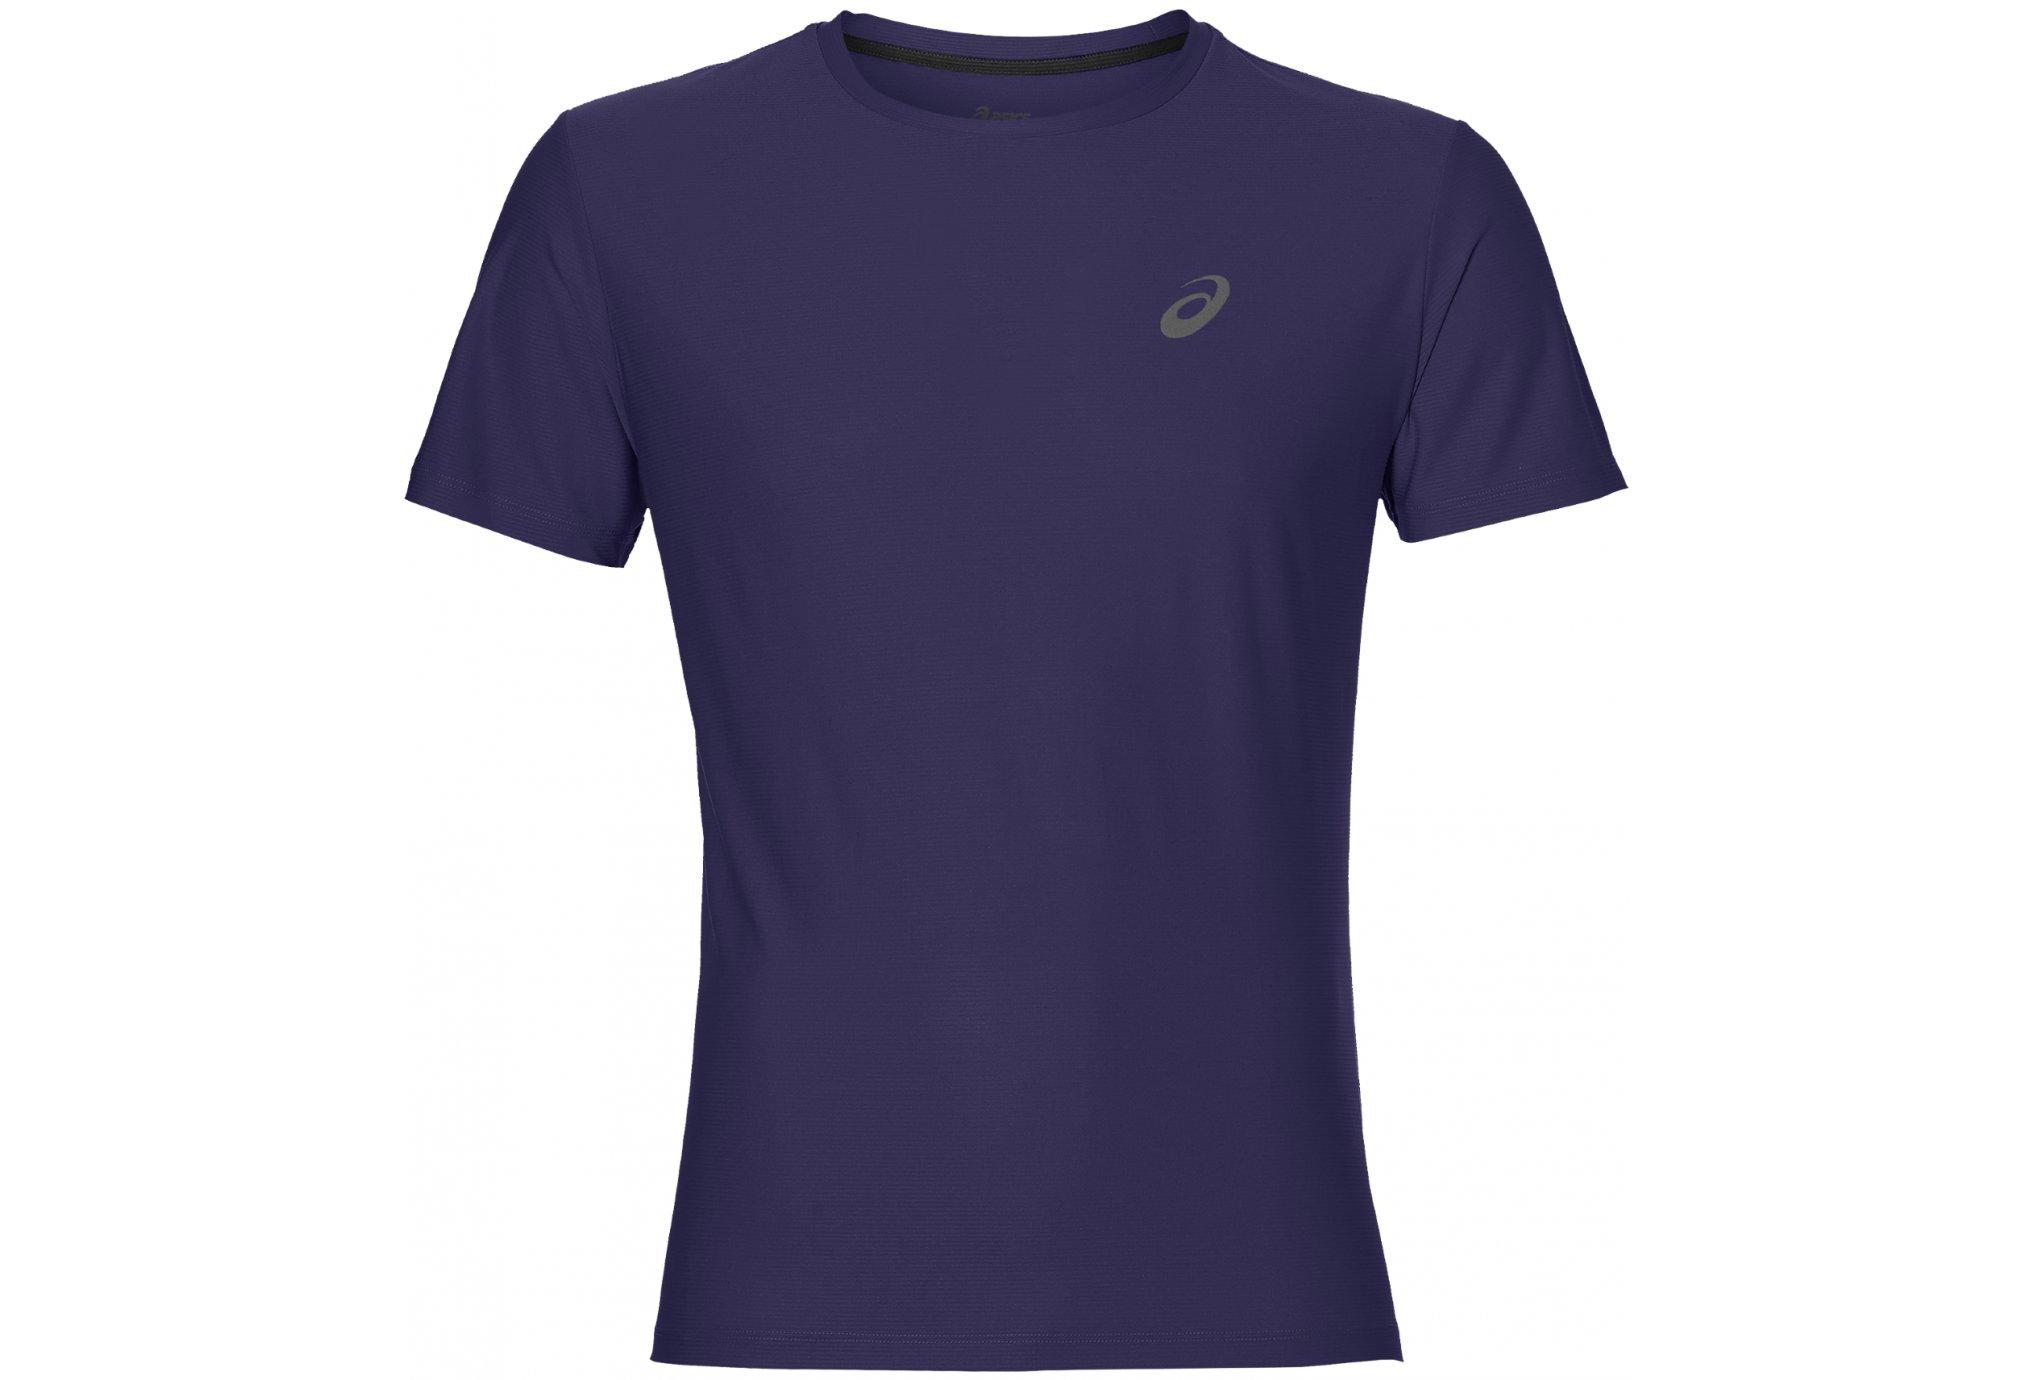 Asics Tee-shirt SS Top M vêtement running homme